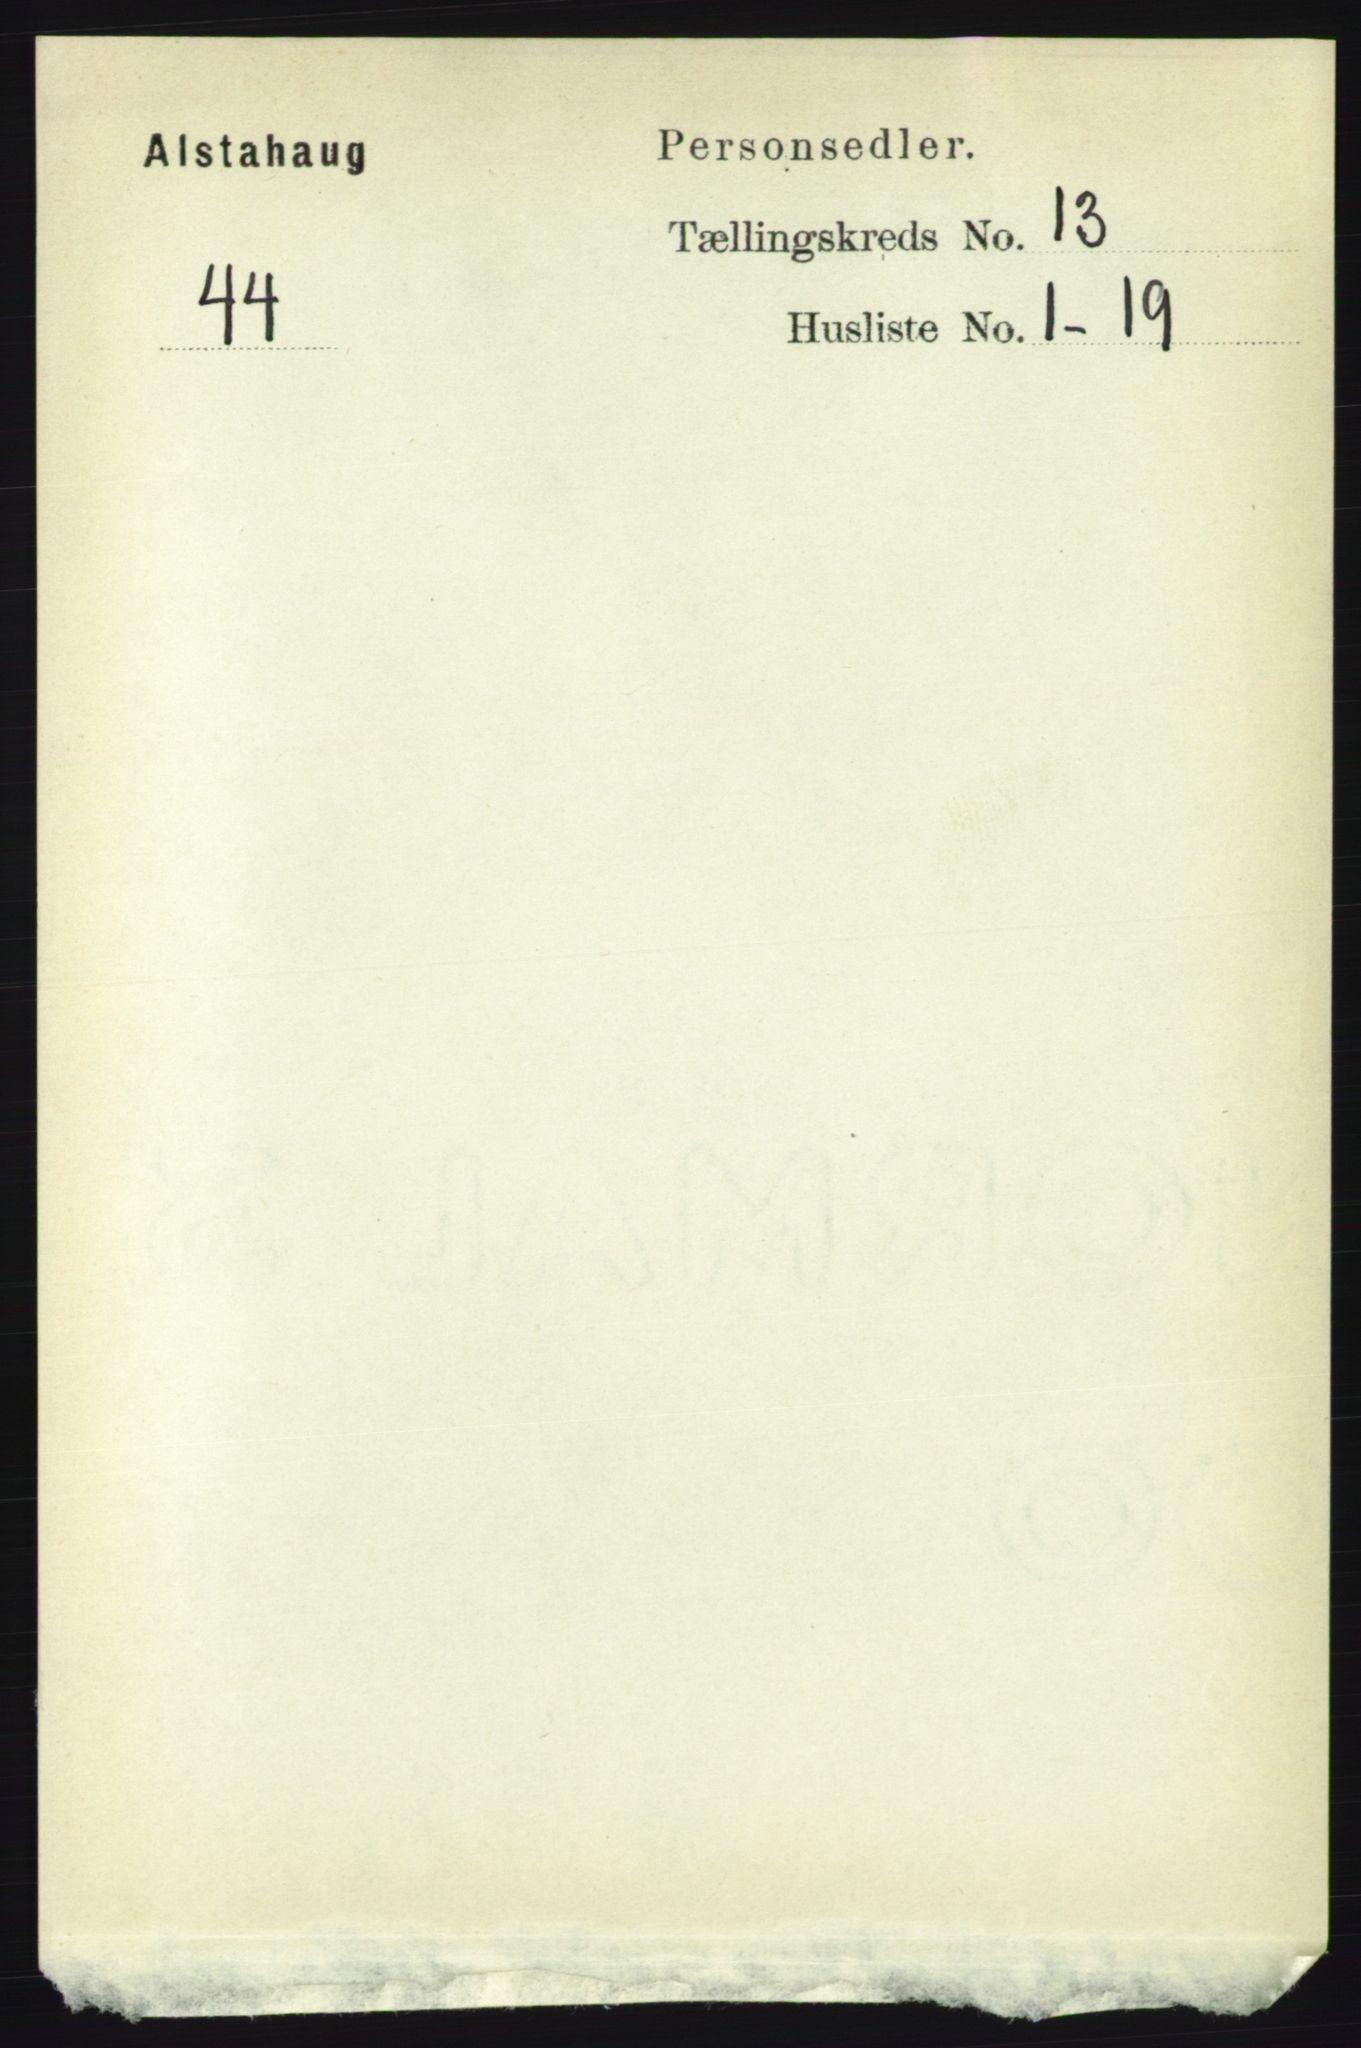 RA, Folketelling 1891 for 1820 Alstahaug herred, 1891, s. 4656